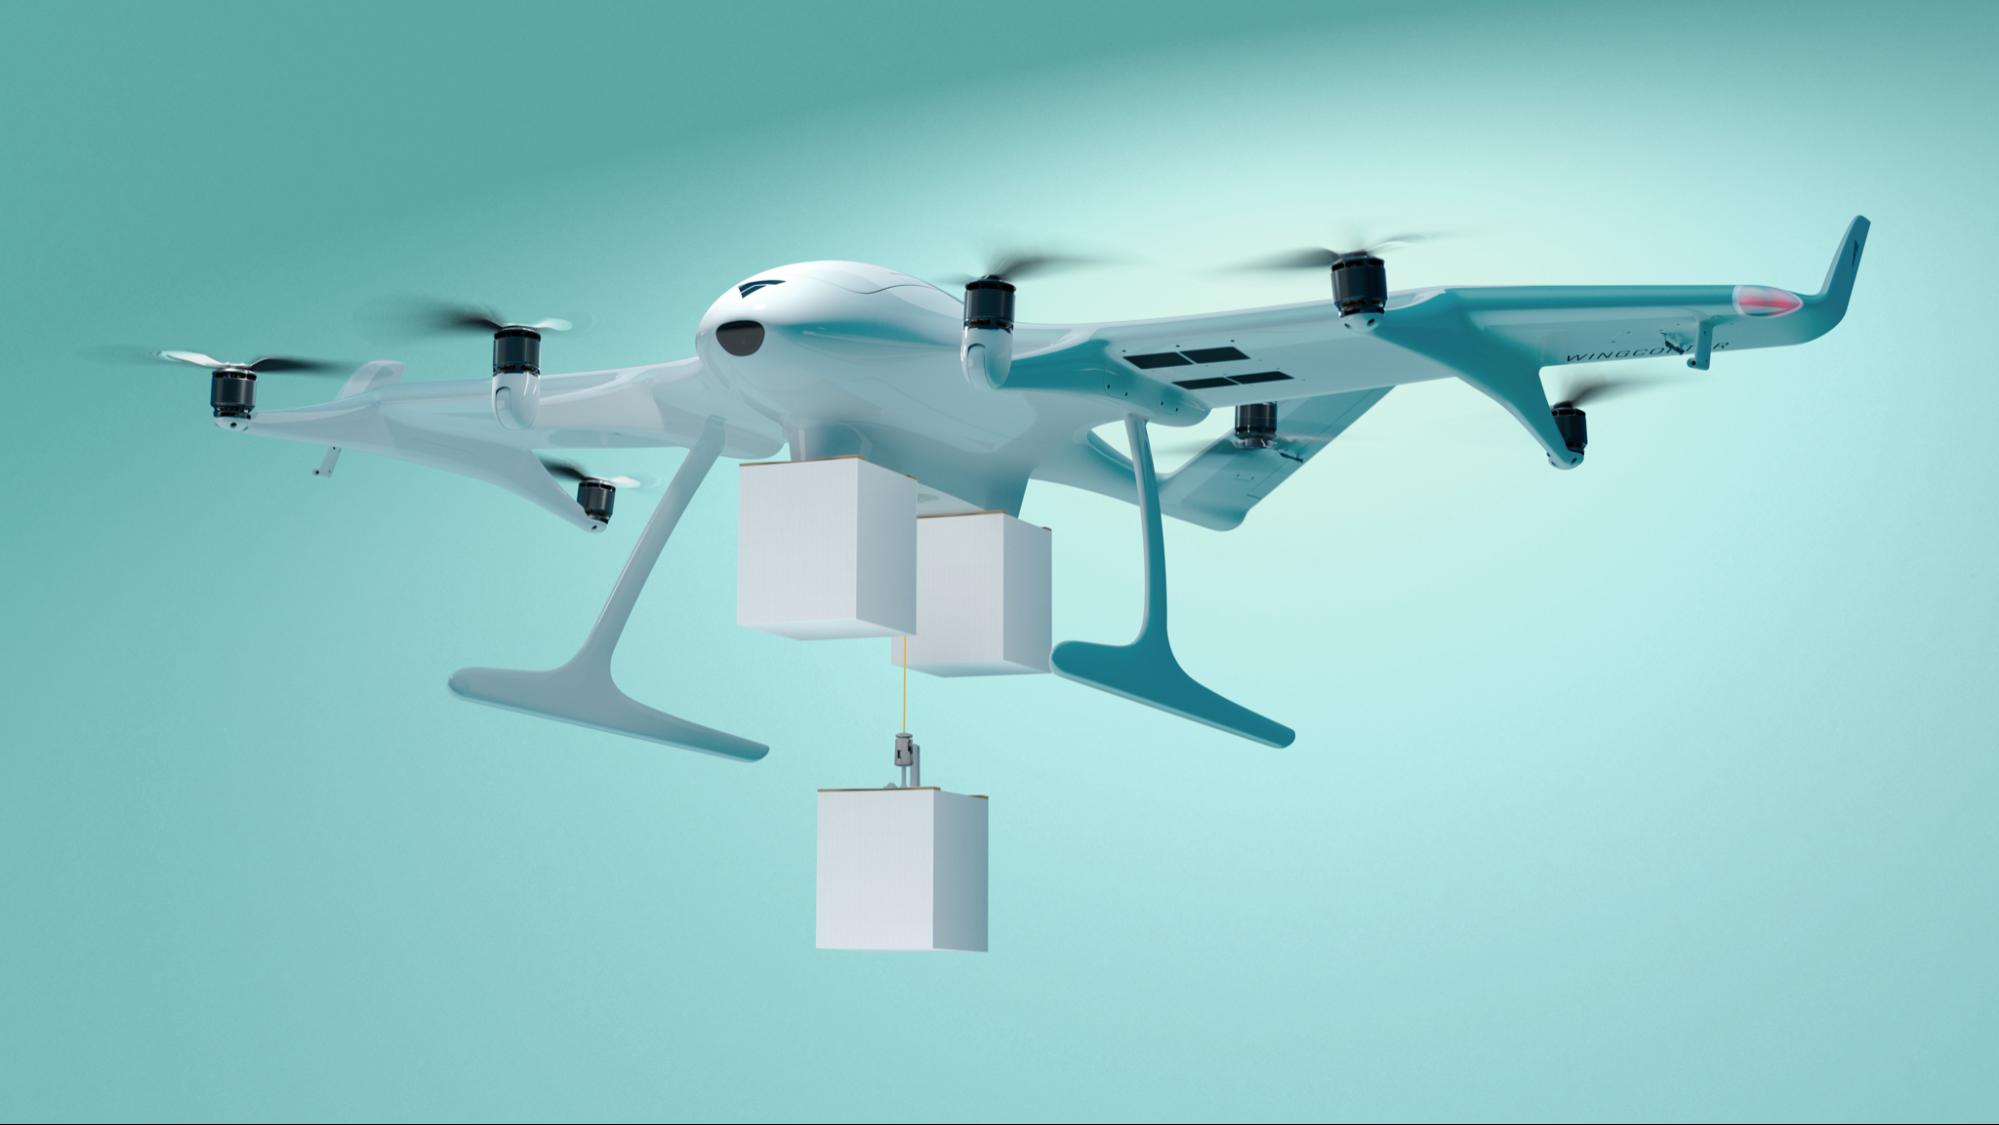 Дары небес в Германии разработали дрона, который доставляет 3 посылки одновременно